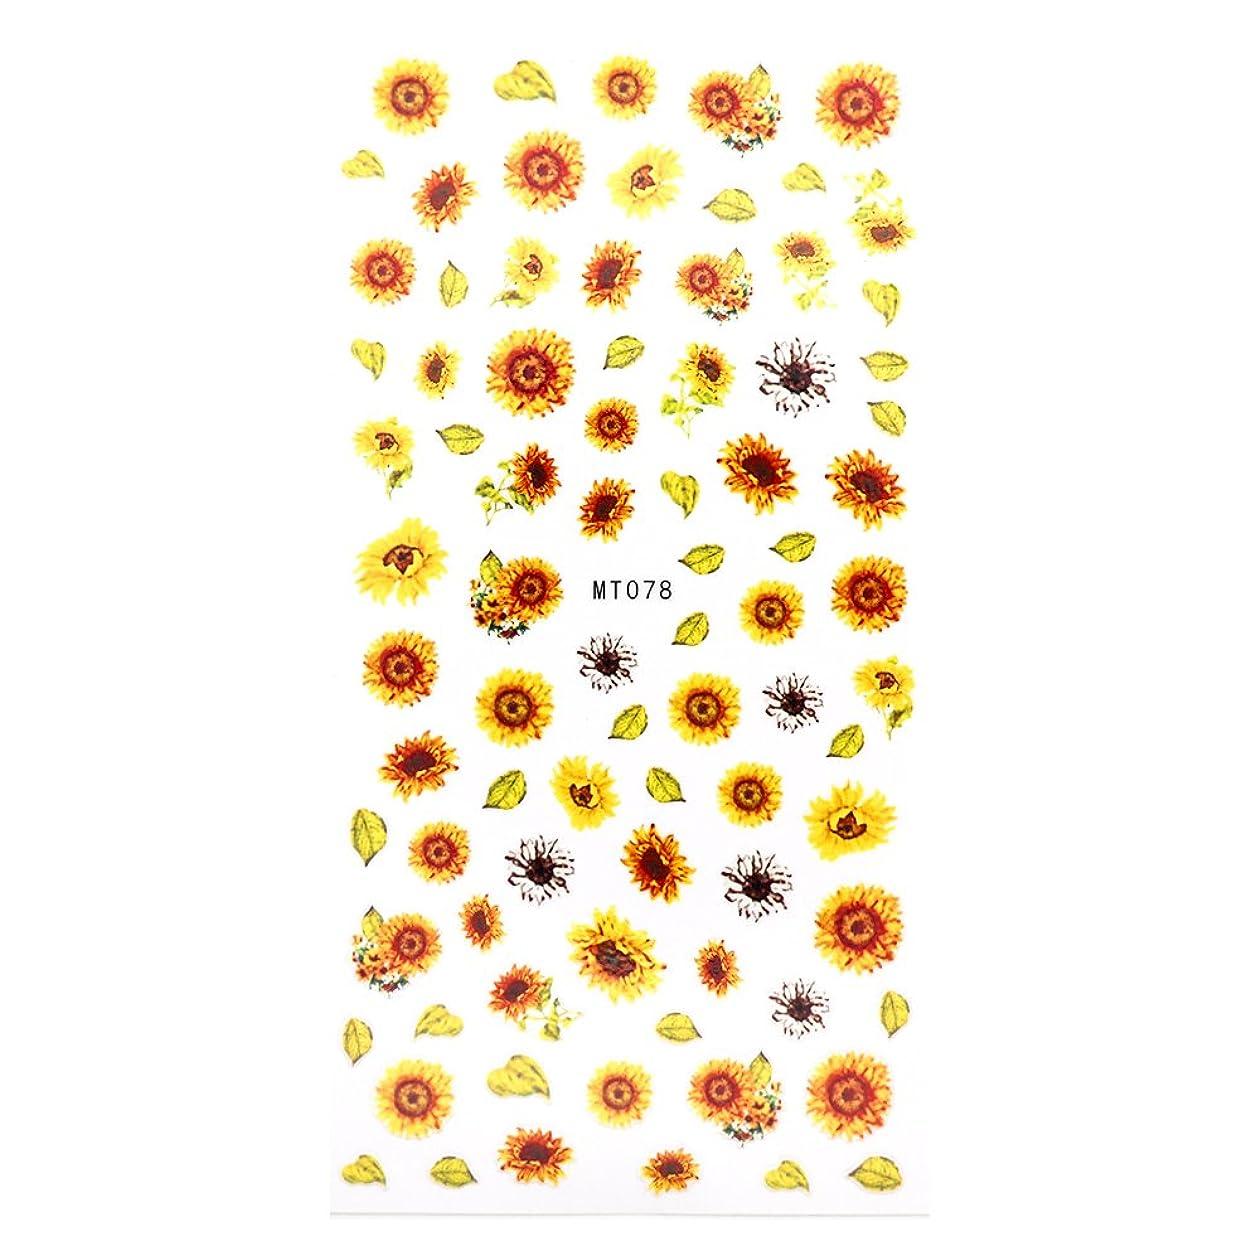 カバレッジ誤浴室irogel イロジェル ソレイユフルール ヒマワリ フラワー ネイルシール 【MT078】